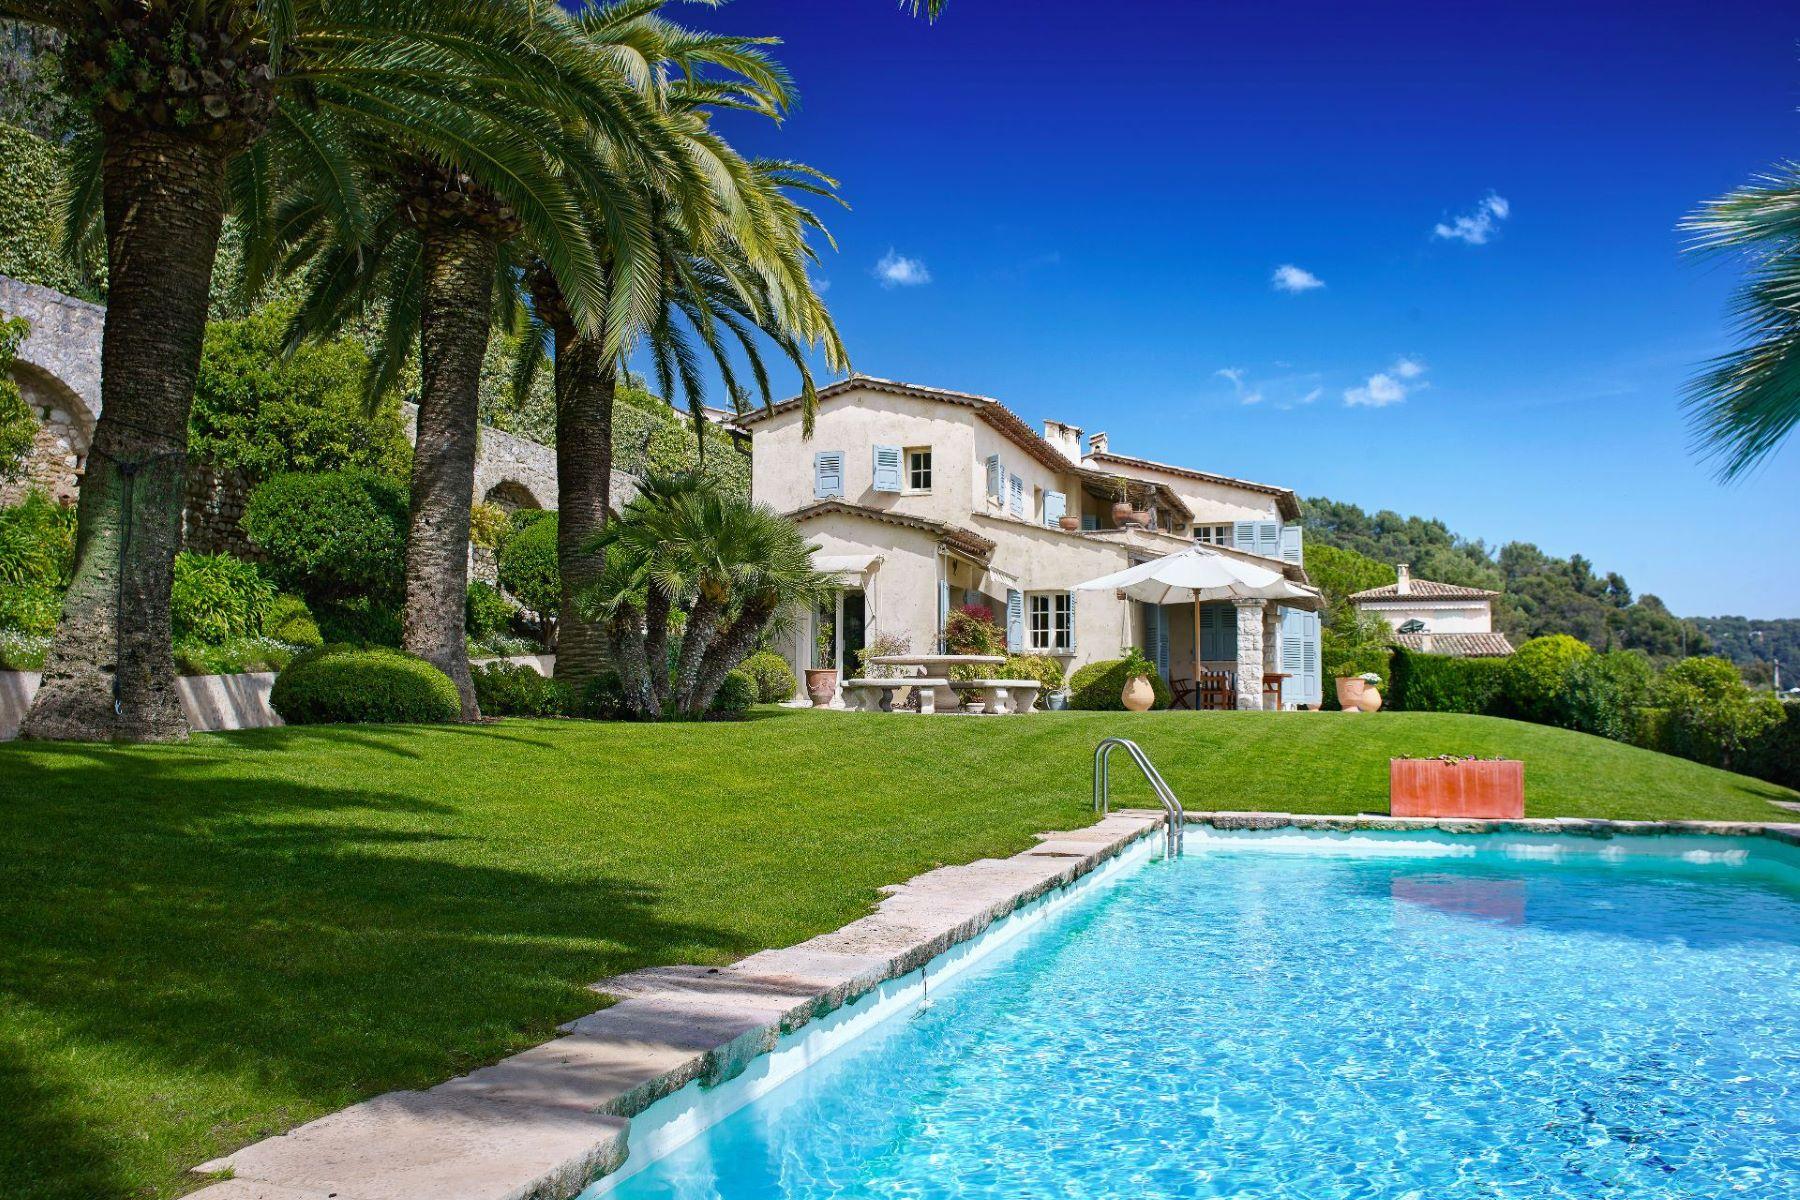 Maison unifamiliale pour l Vente à Charming and authentic provencal estate in La Colle sur Loup - Sole agent La Colle Sur Loup, Provence-Alpes-Cote D'Azur, 06480 France